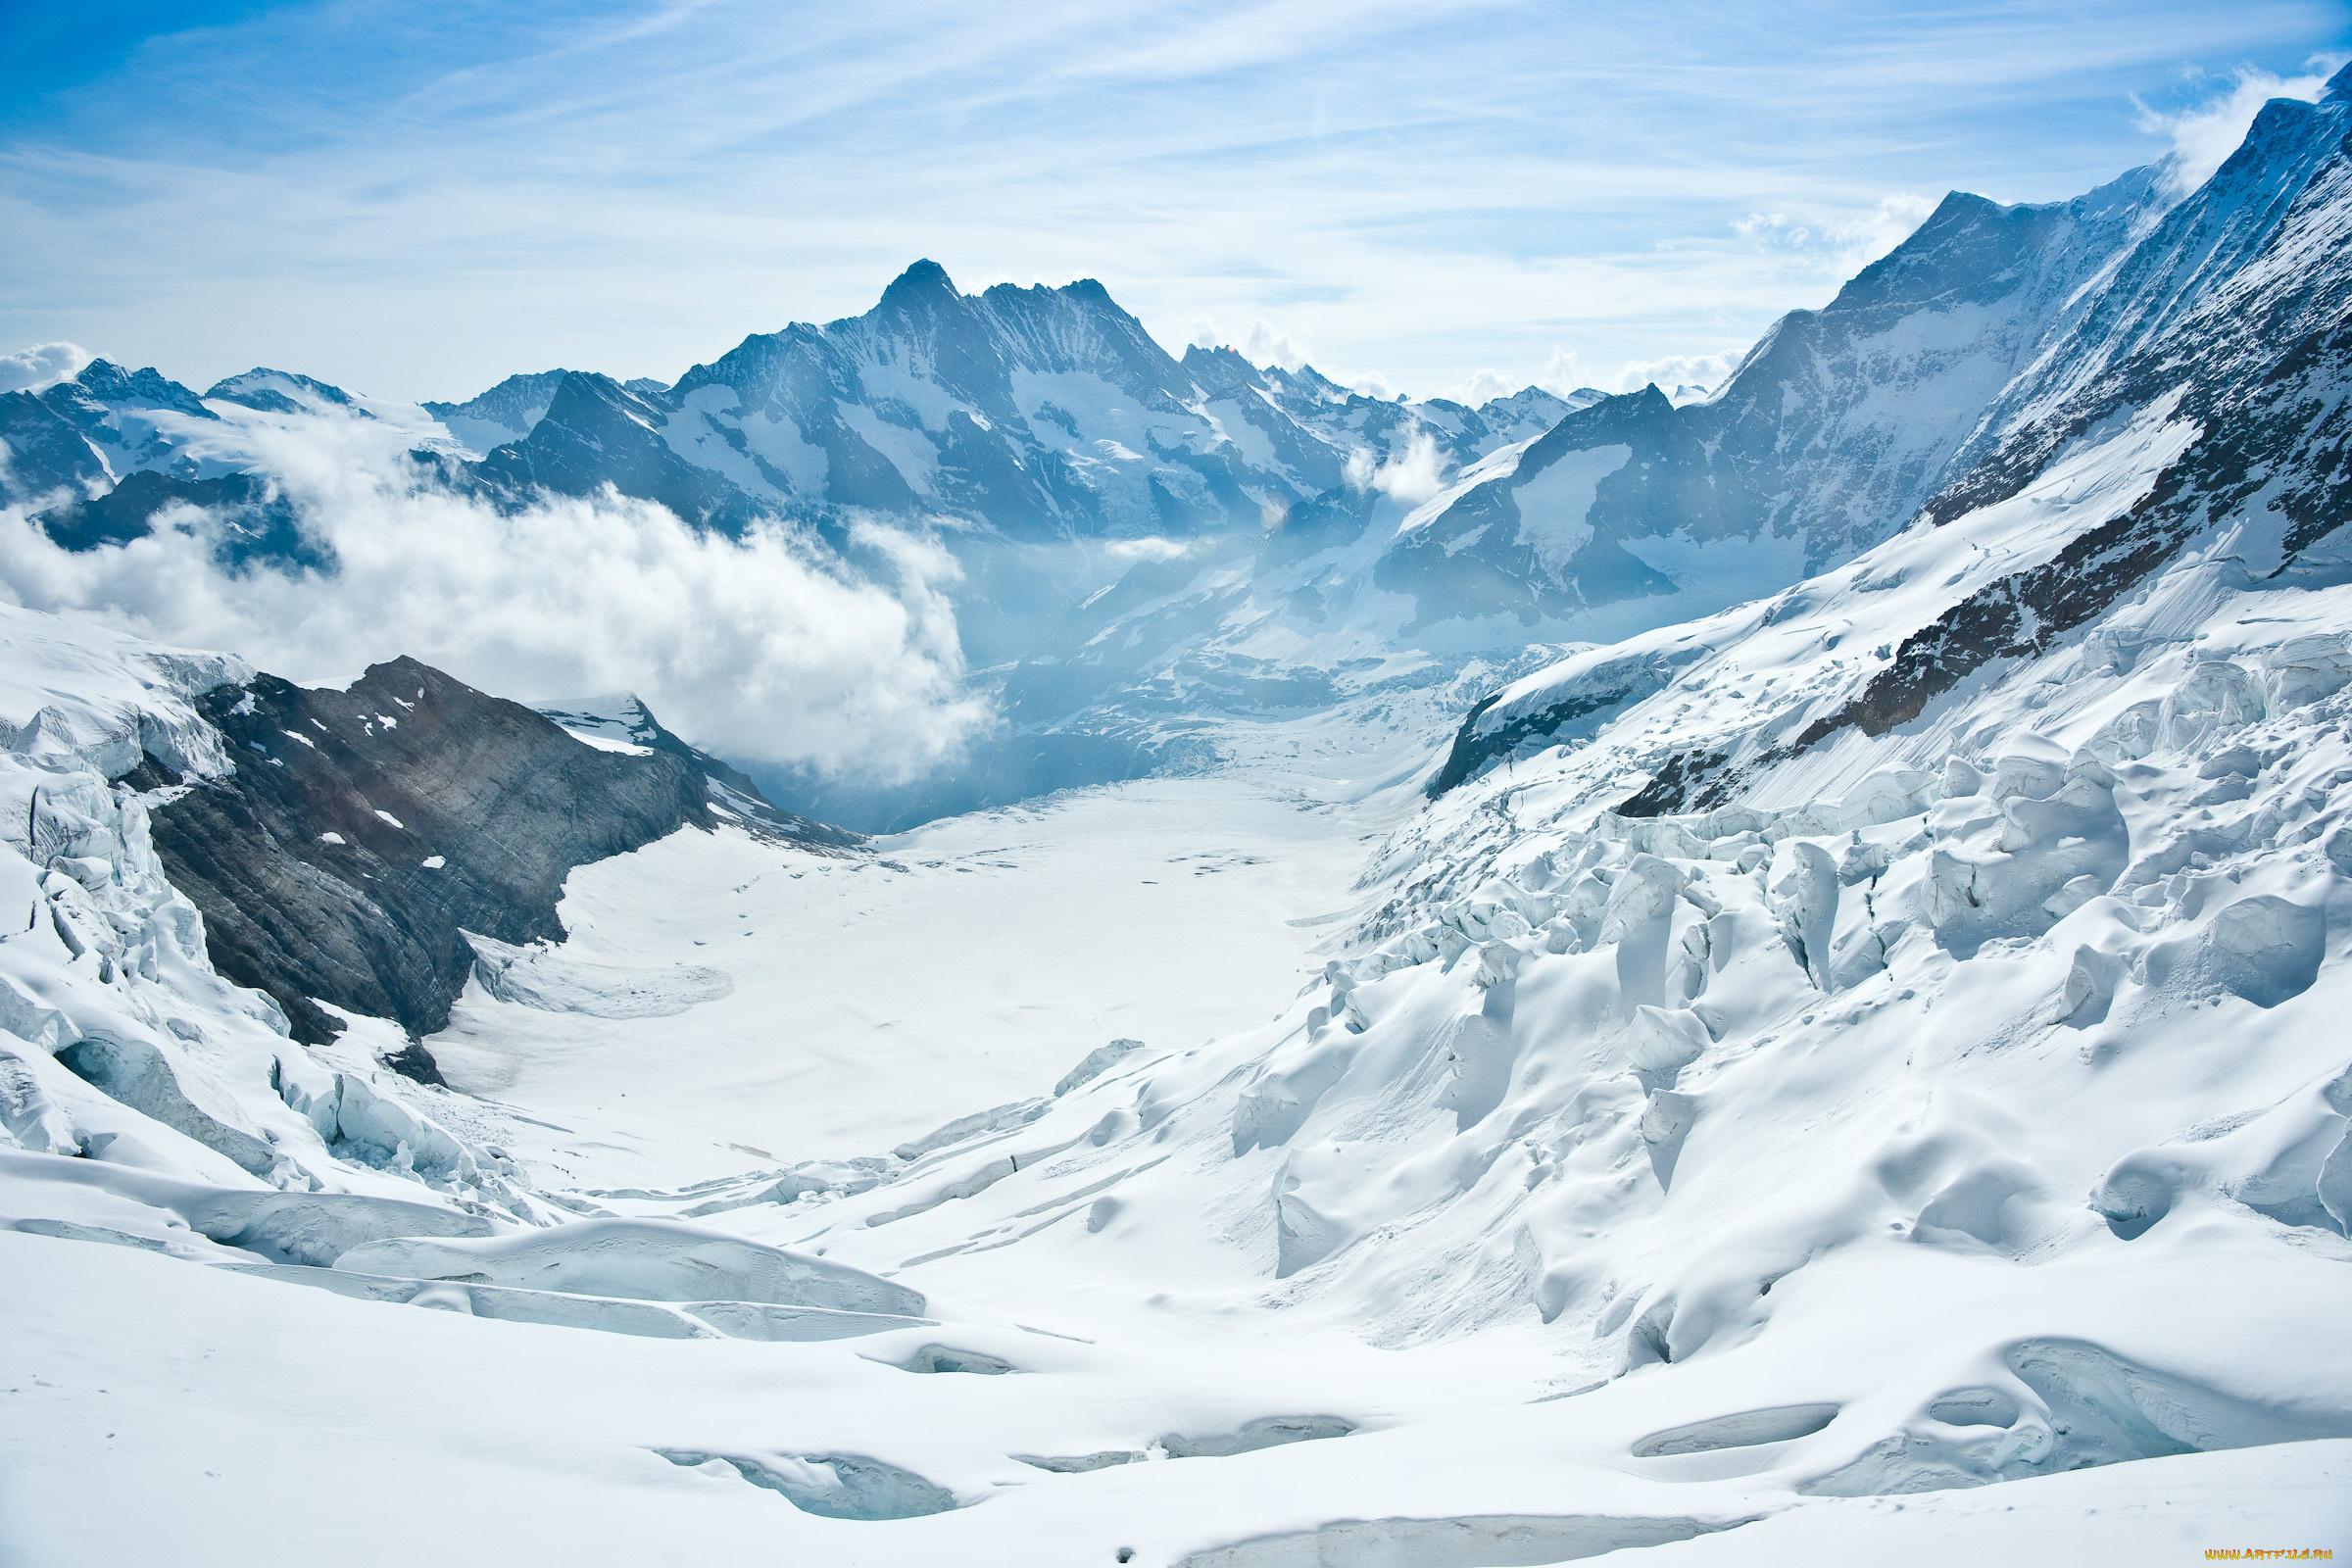 горы высота снег  № 385113 бесплатно